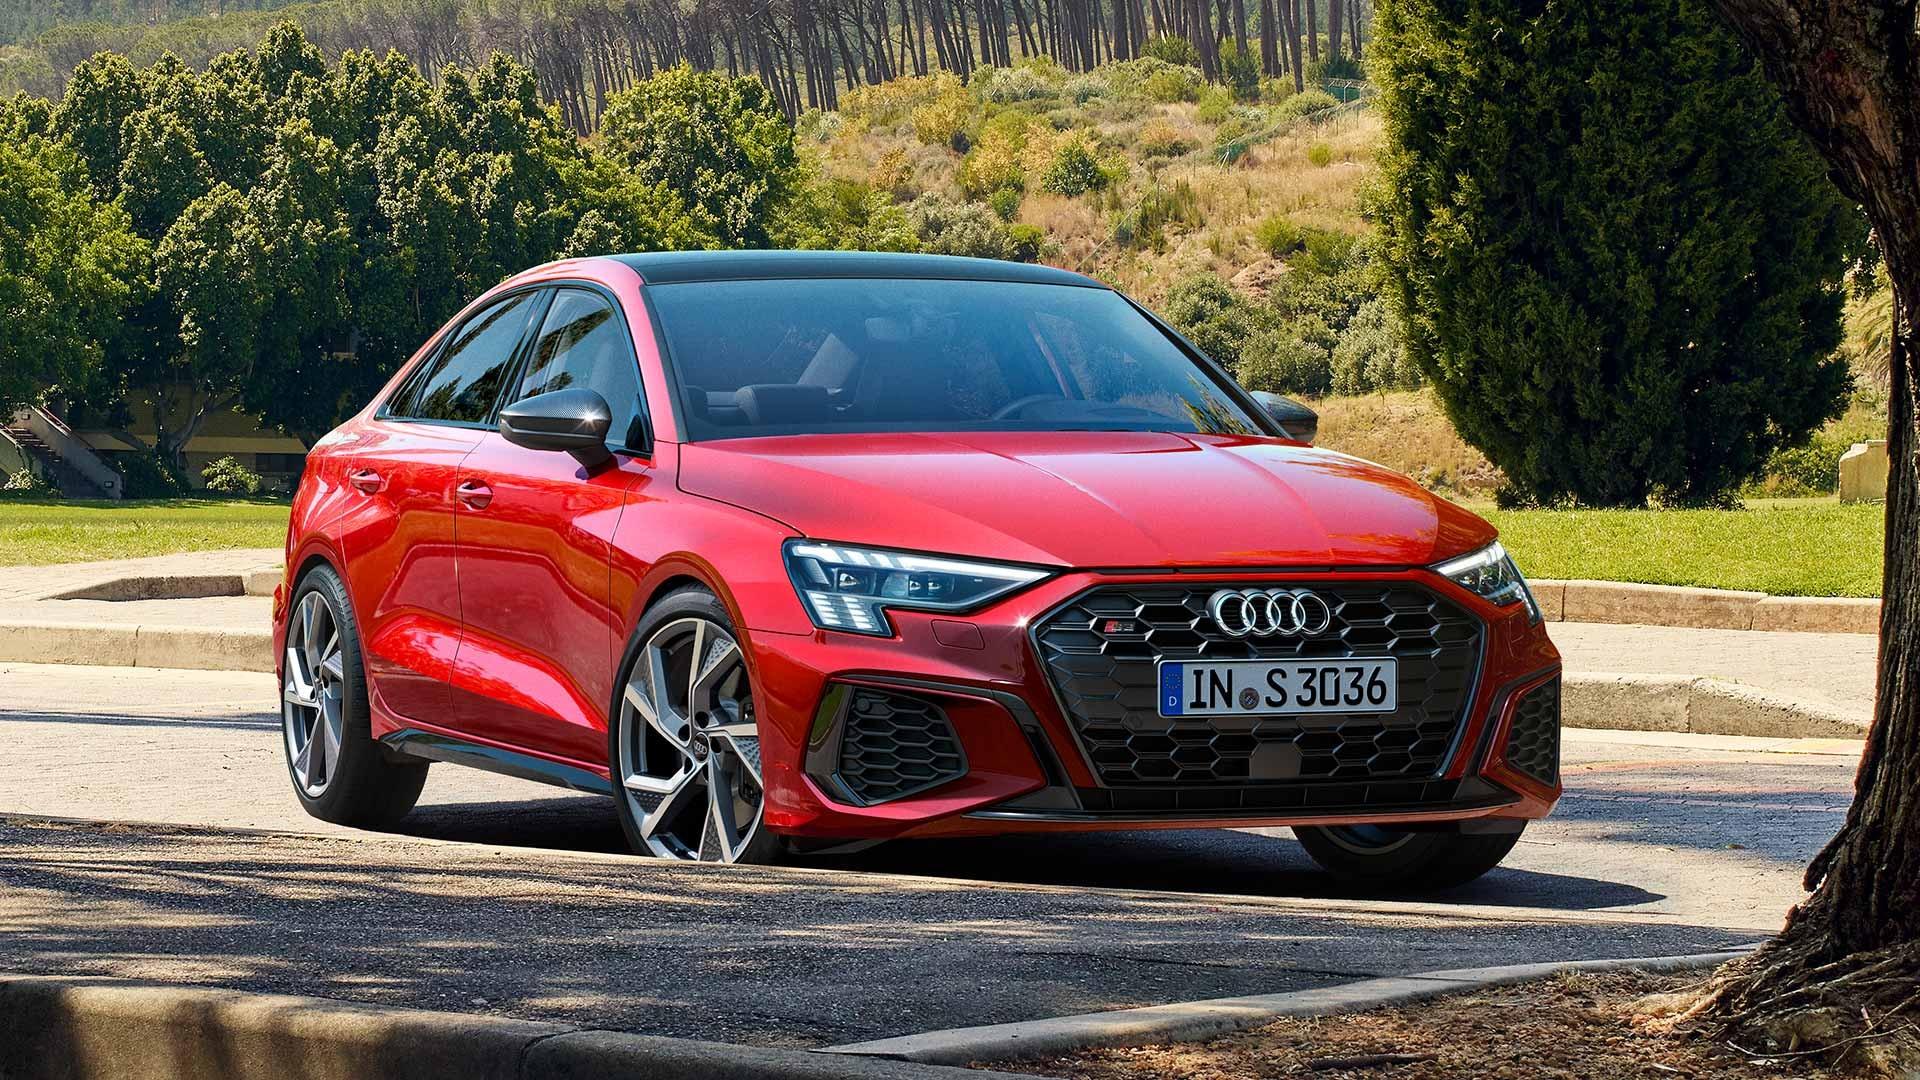 Audi S3 Berline | 5 portes sportive | Ressentez le progrès